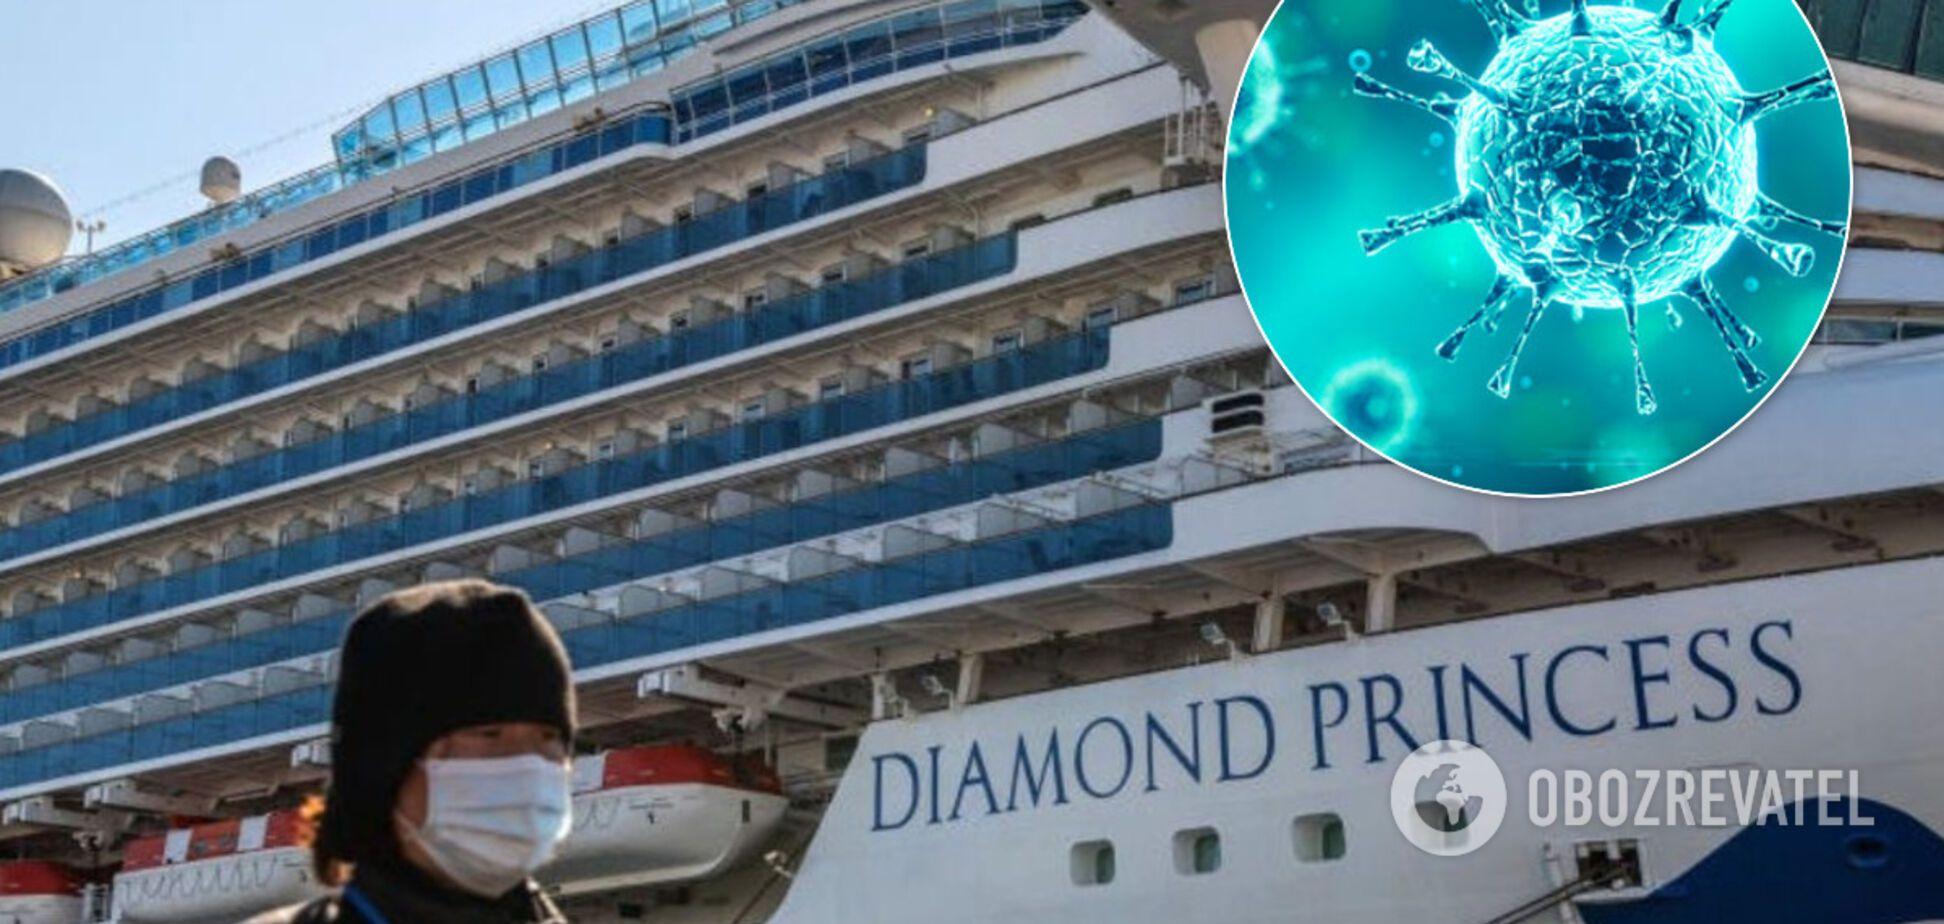 Зараженные на Diamond Princess украинцы победили коронавирус: подробности